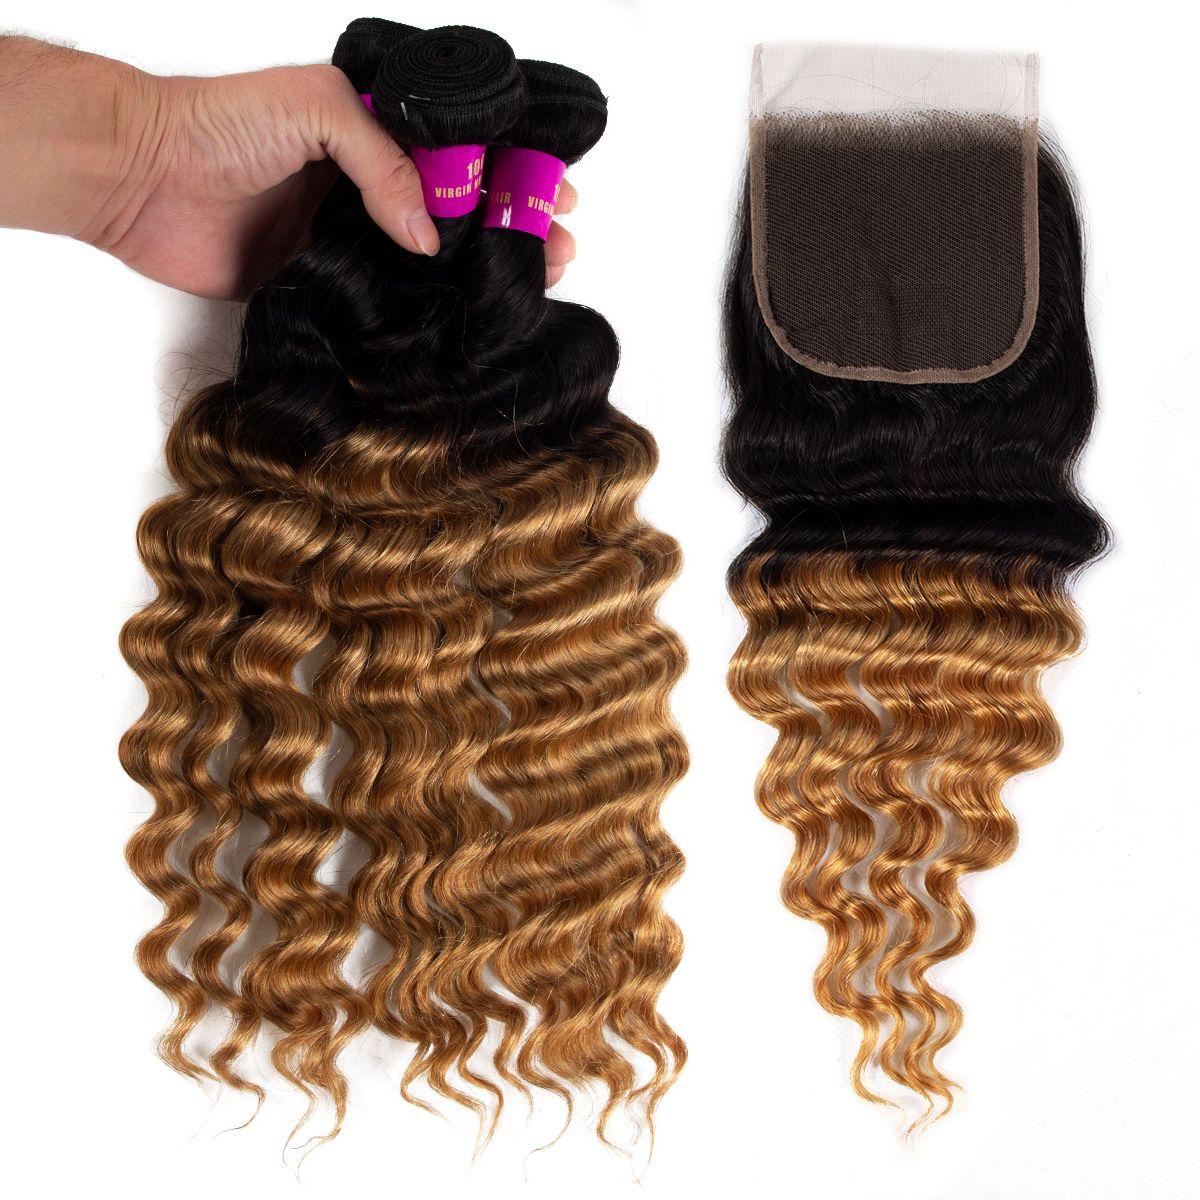 1B/27 Loose deep wave Hair 3 Bundles With Closure